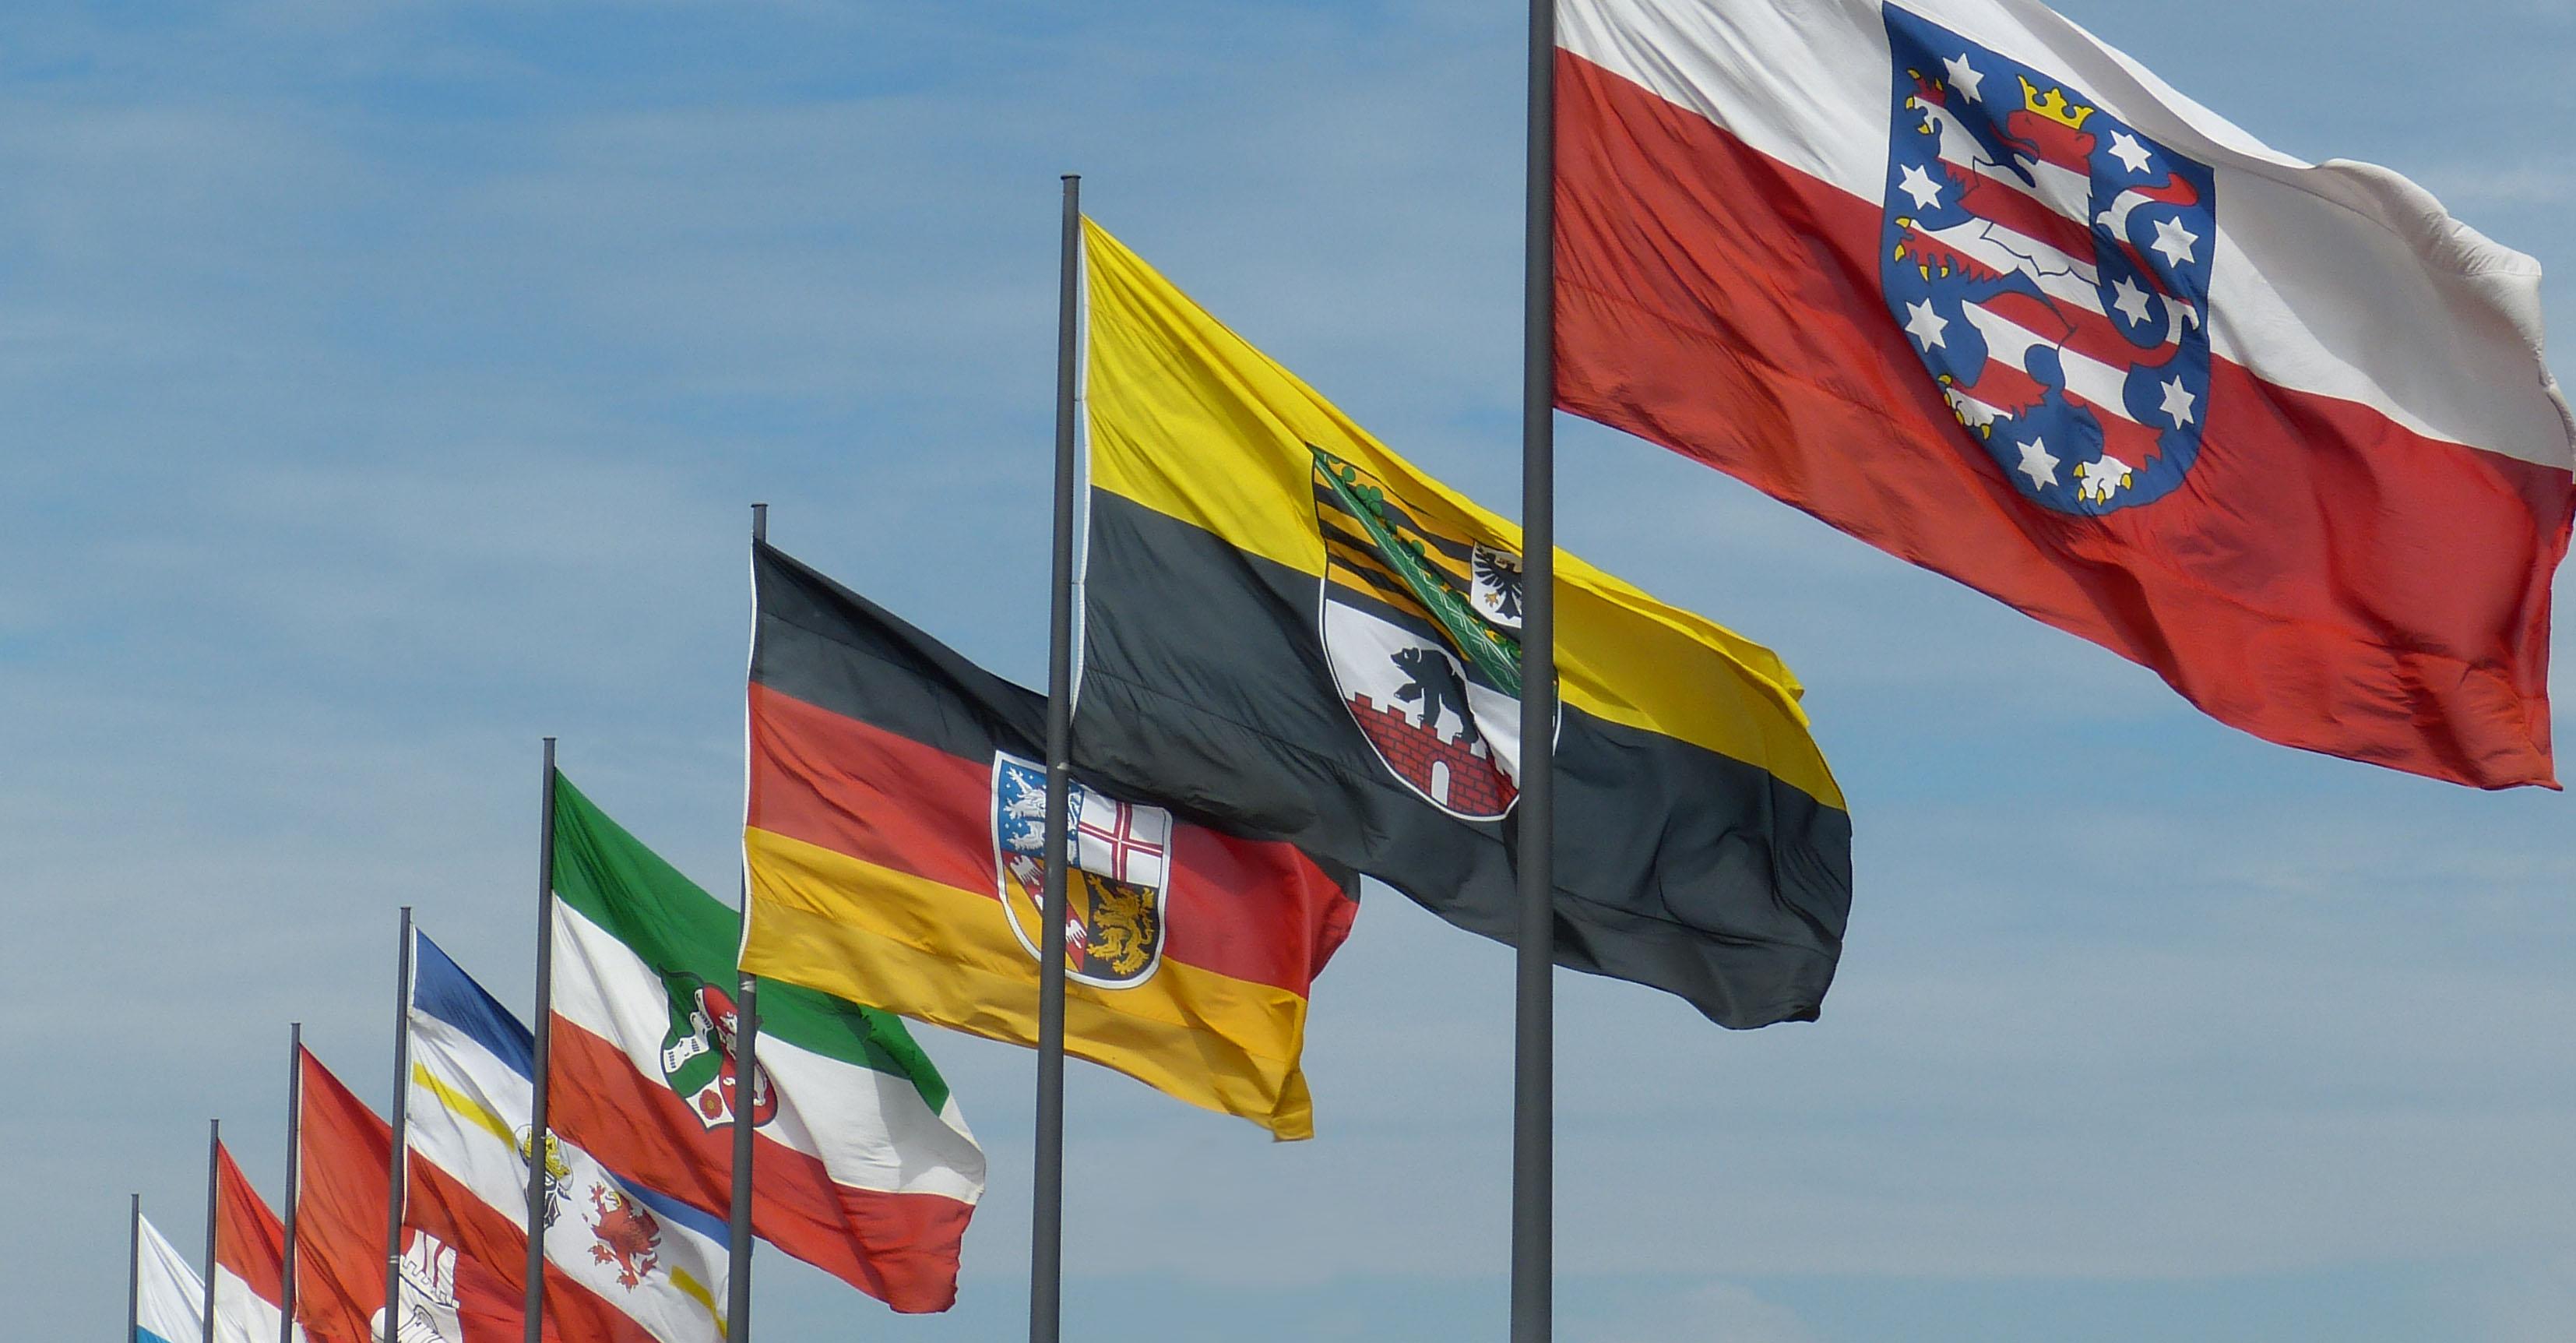 Wir sind gespannt, welche Flagge morgen fröhlich weht - und welche auf Halbmast steht. Foto: Dieter Schütz / pixelio.de